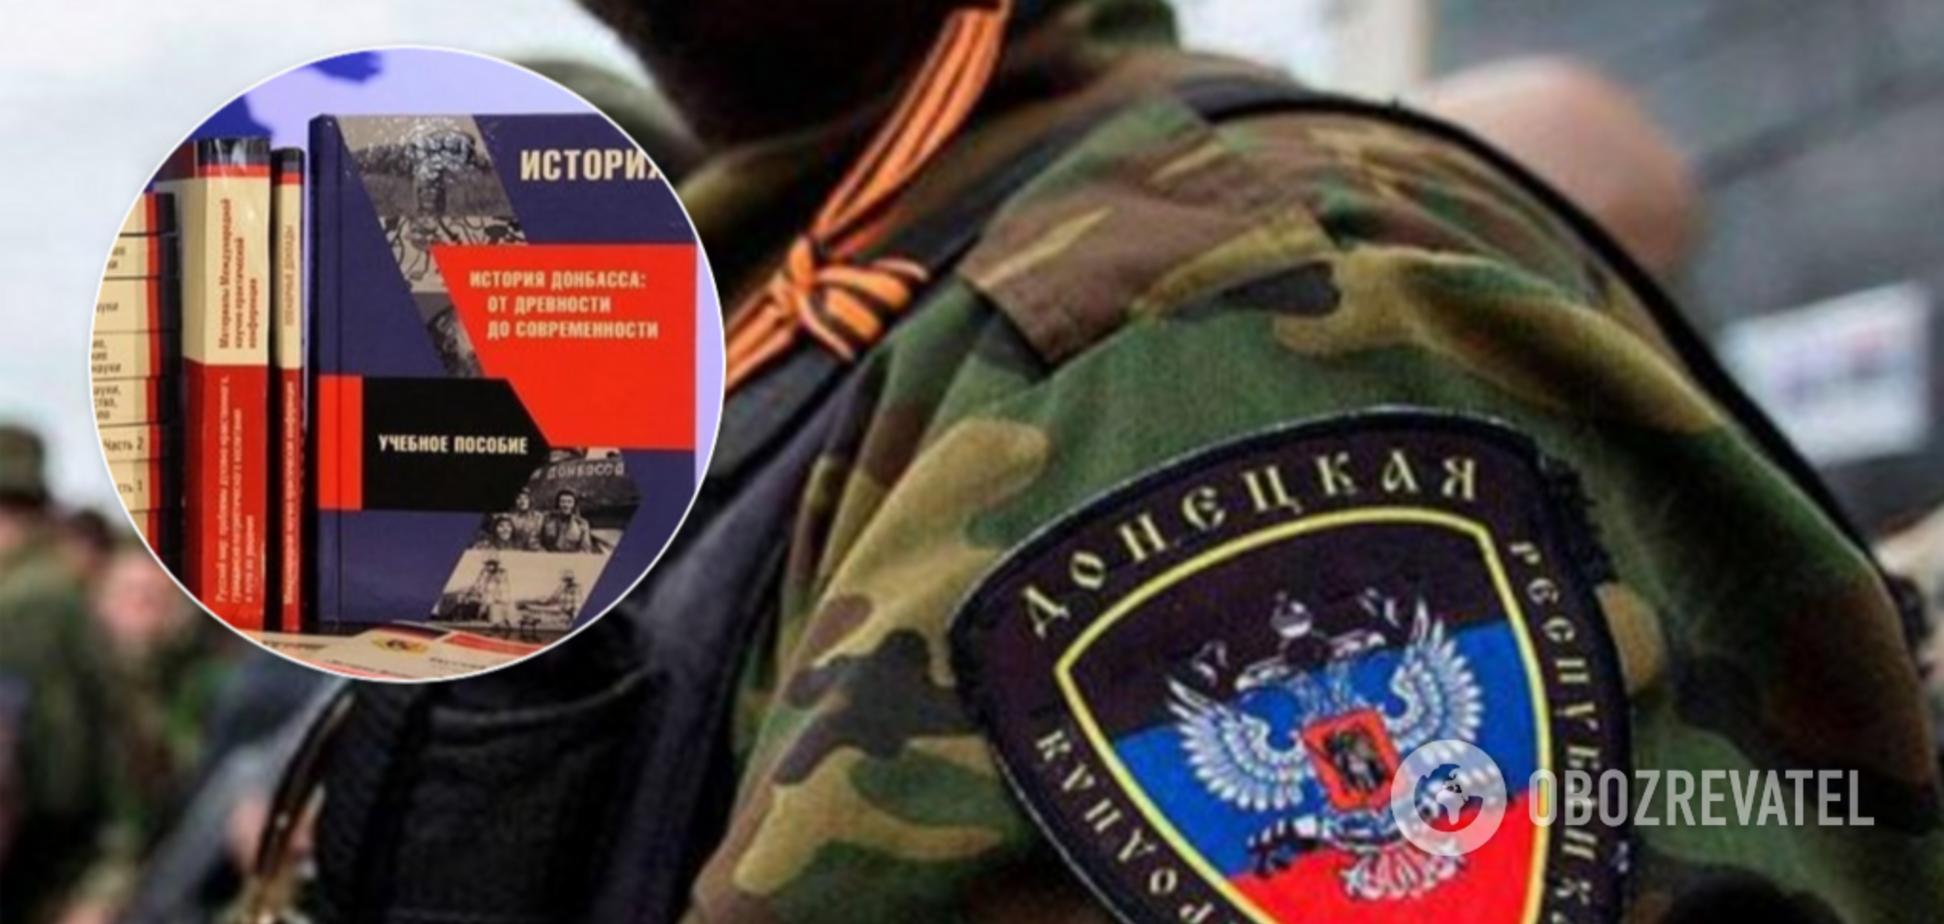 В сети показали лживые учебники по истории 'ДНР'